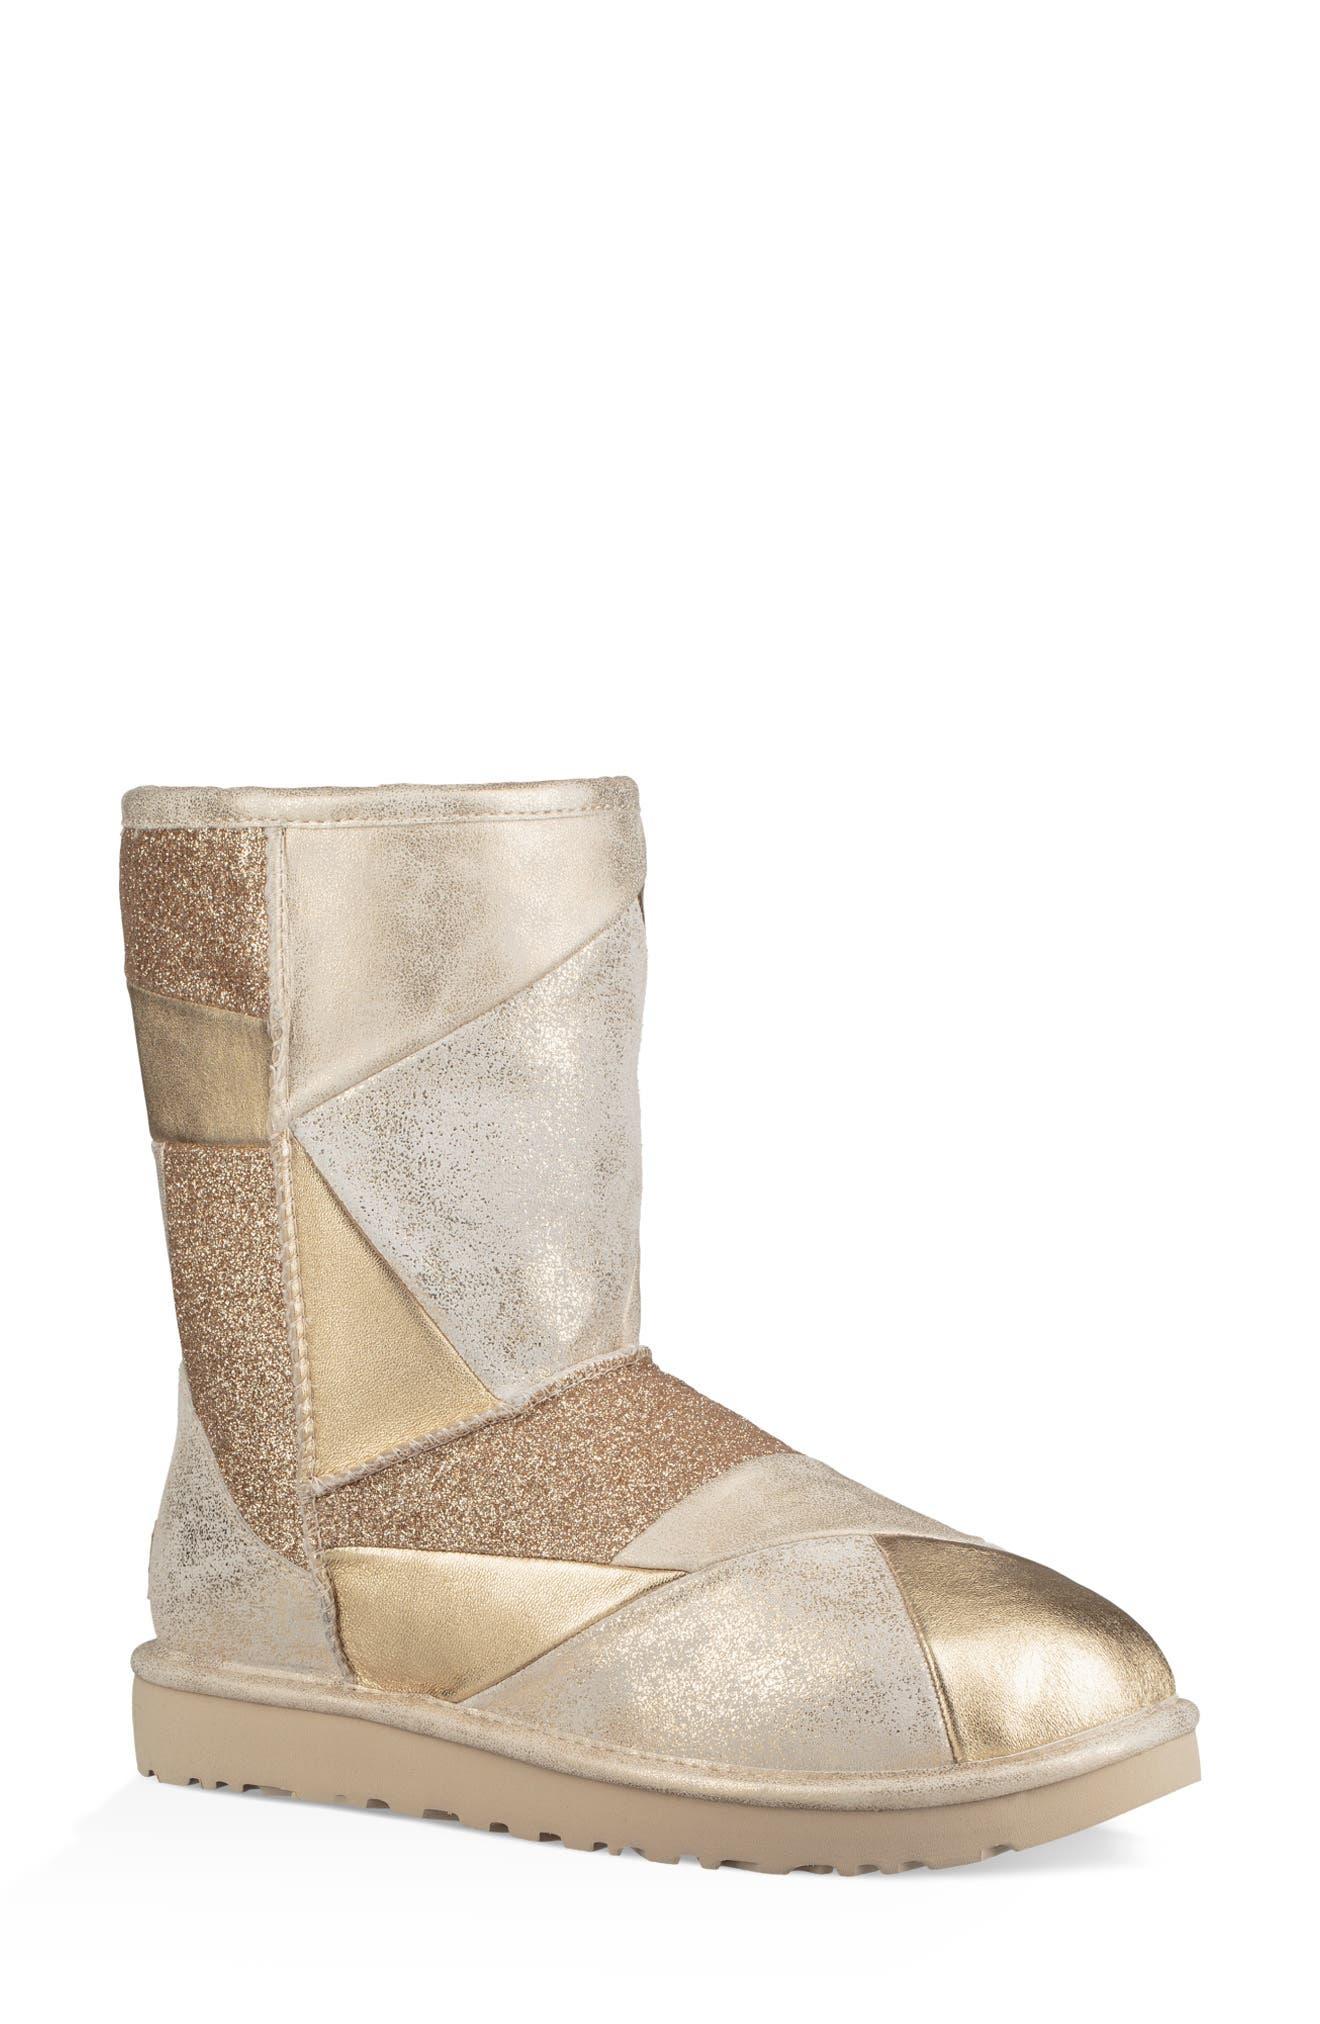 ugg boots Classic short II rosa